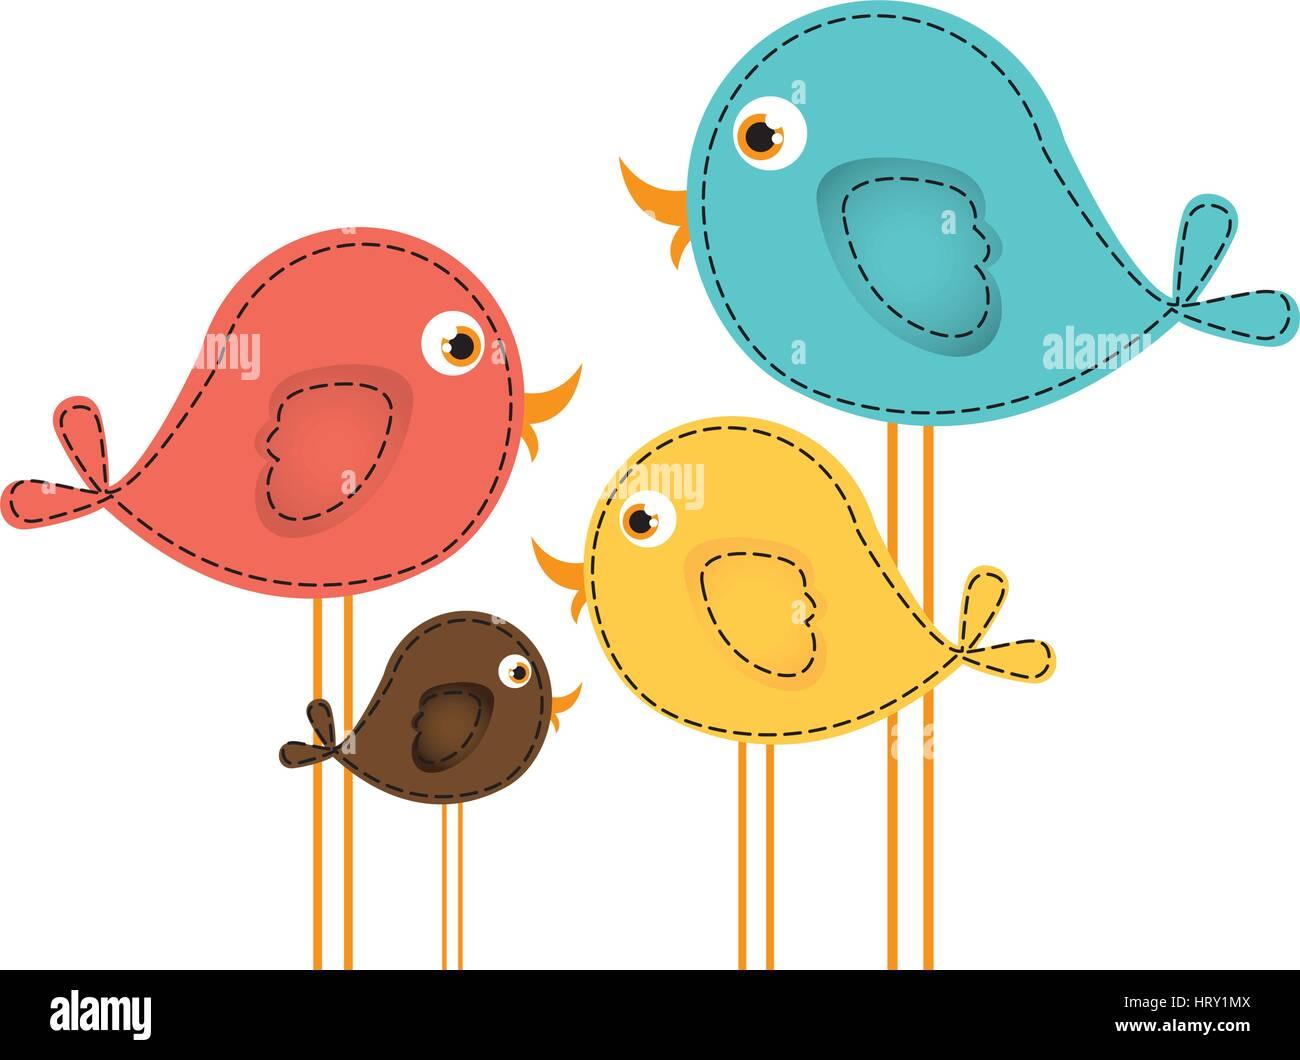 Pájaros De Dibujos Animados Imágenes De Stock Pájaros De Dibujos